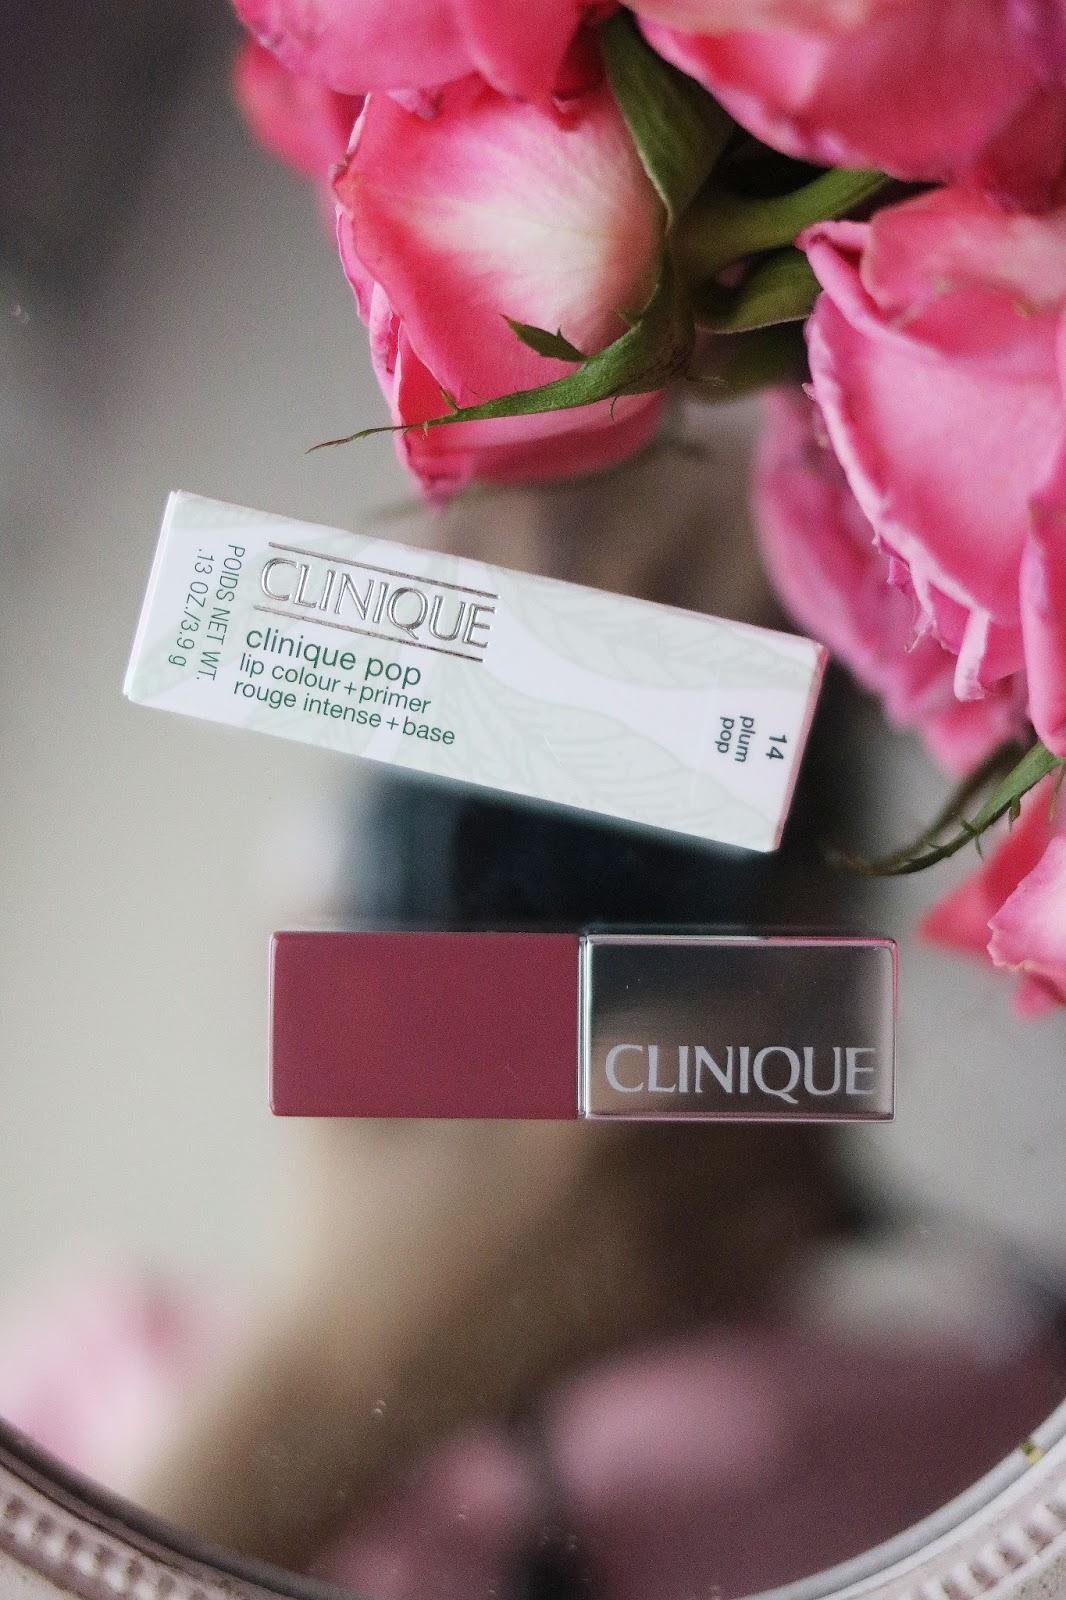 PLUM POP , Clinique POP rouge intense ,rosemademoiselle , Rose Mademoiselle , CLINIQUE  , octoly , avis , swatch , blog beauté , Paris , test